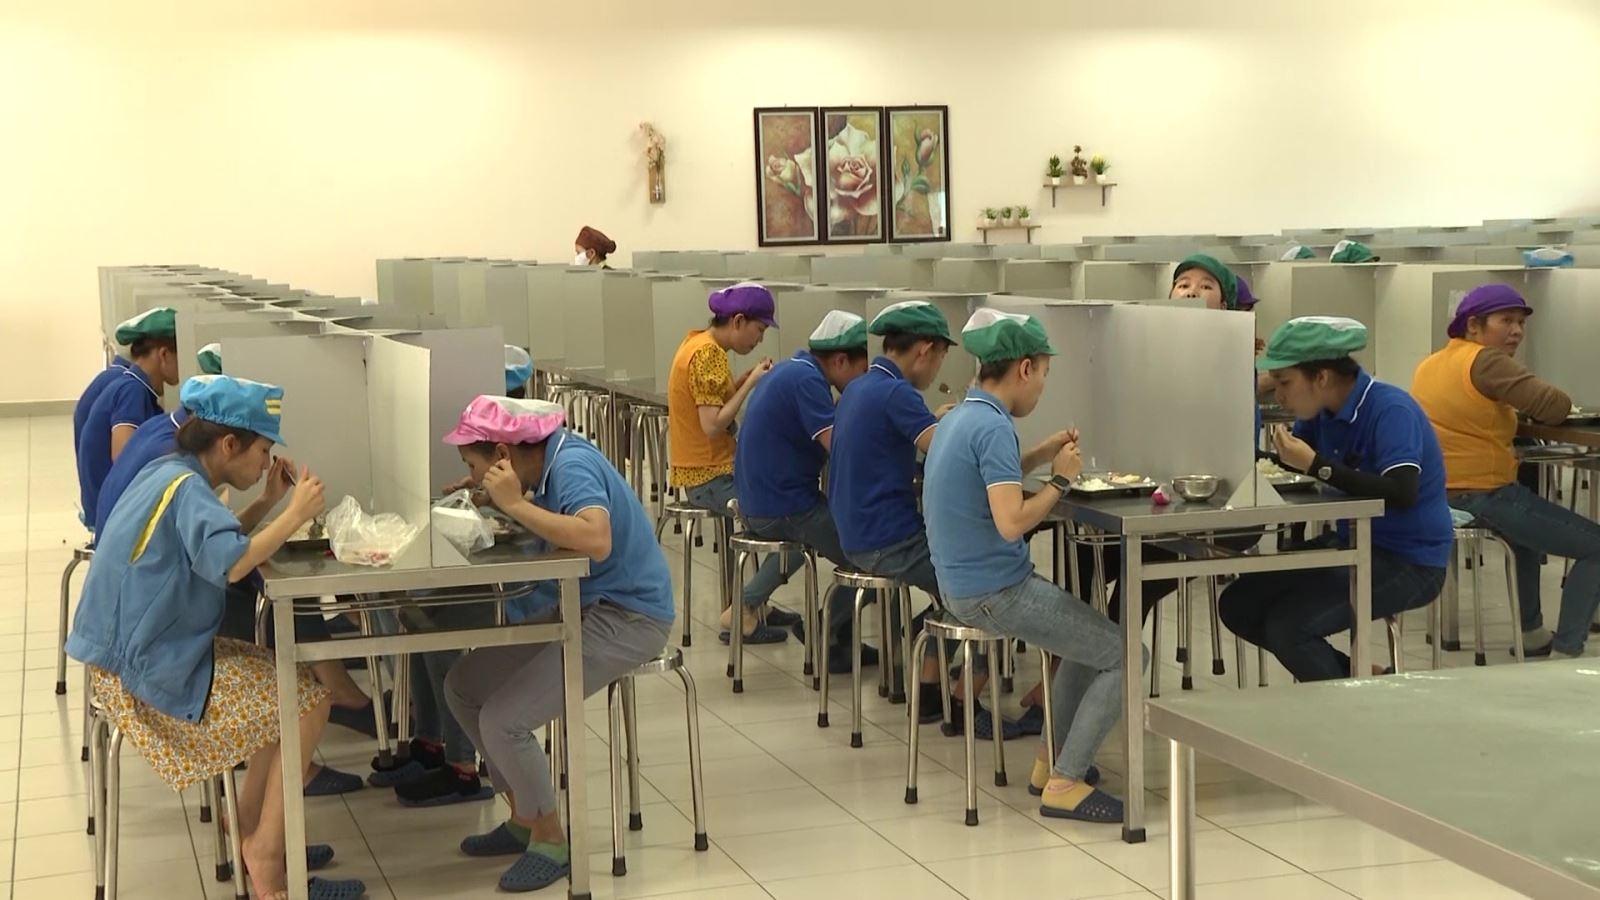 Chạy dịch về quê, người lao động ở Quảng Ngãi tìm được việc ở địa phương